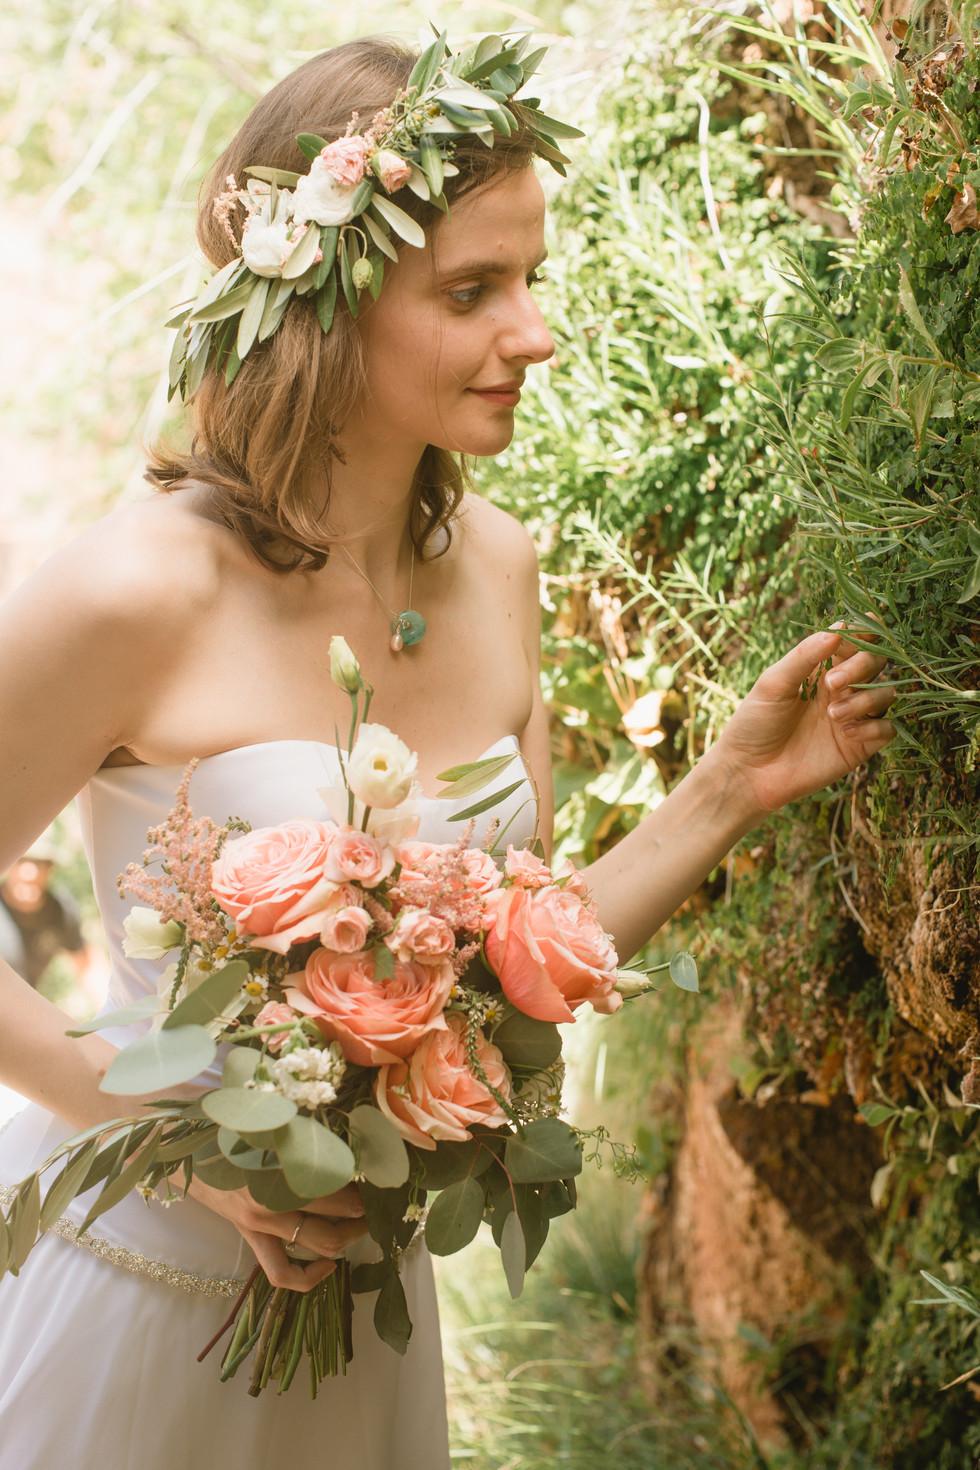 Gaelle's Bridals at Zion